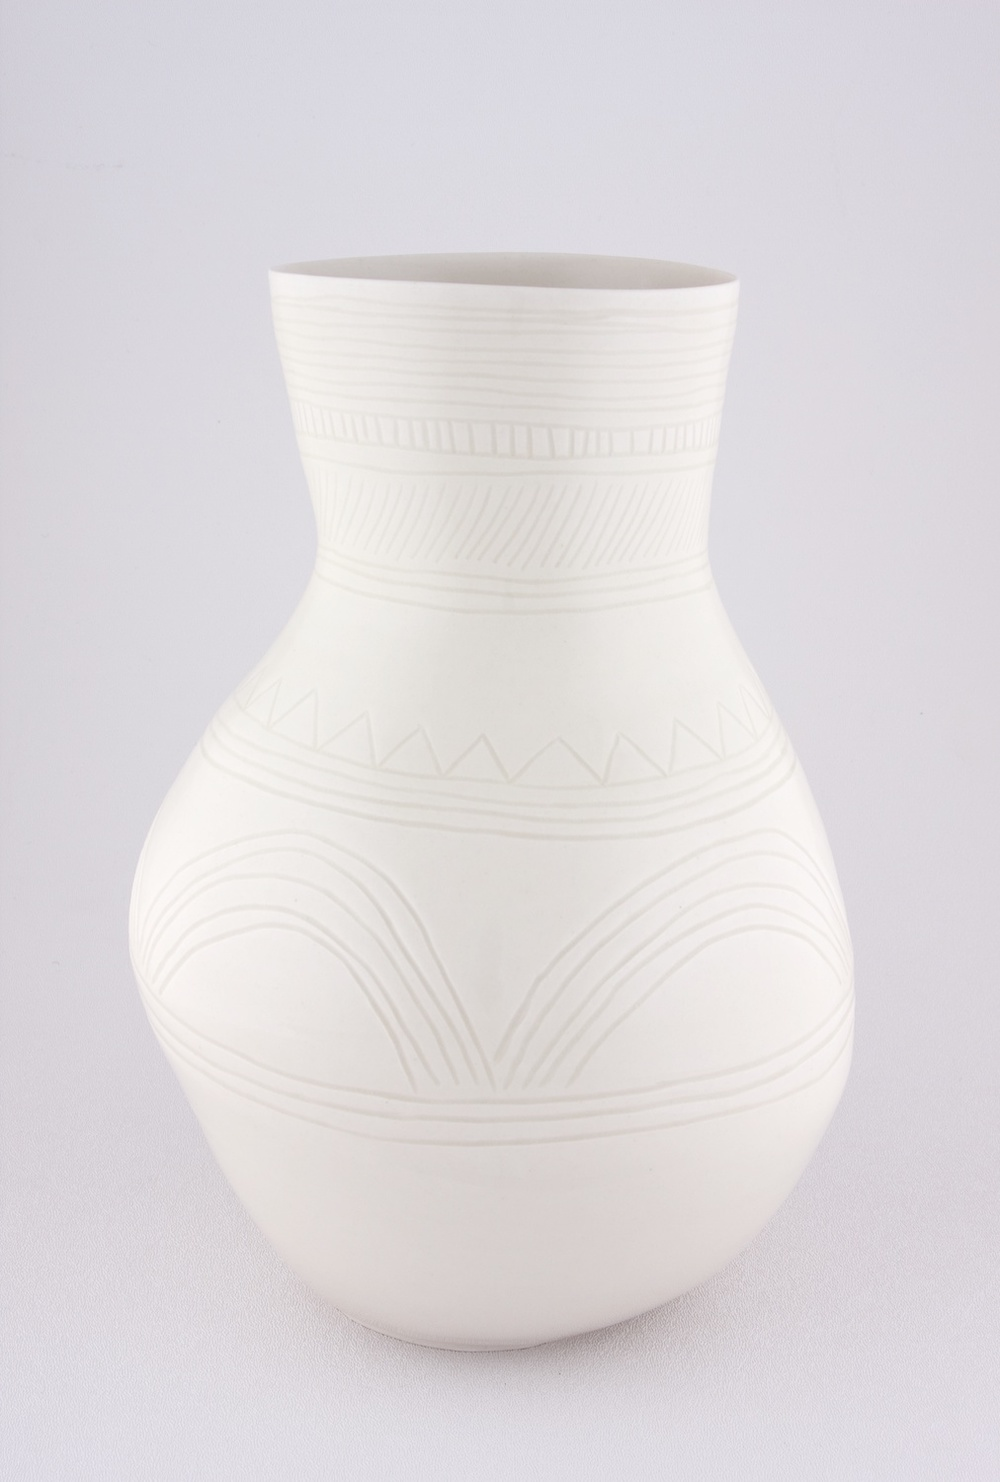 """Shio Kusaka Untitled (yayoi carving 1) 2009 Porcelain 10 3/4"""" x 7 1/2"""" SK024"""